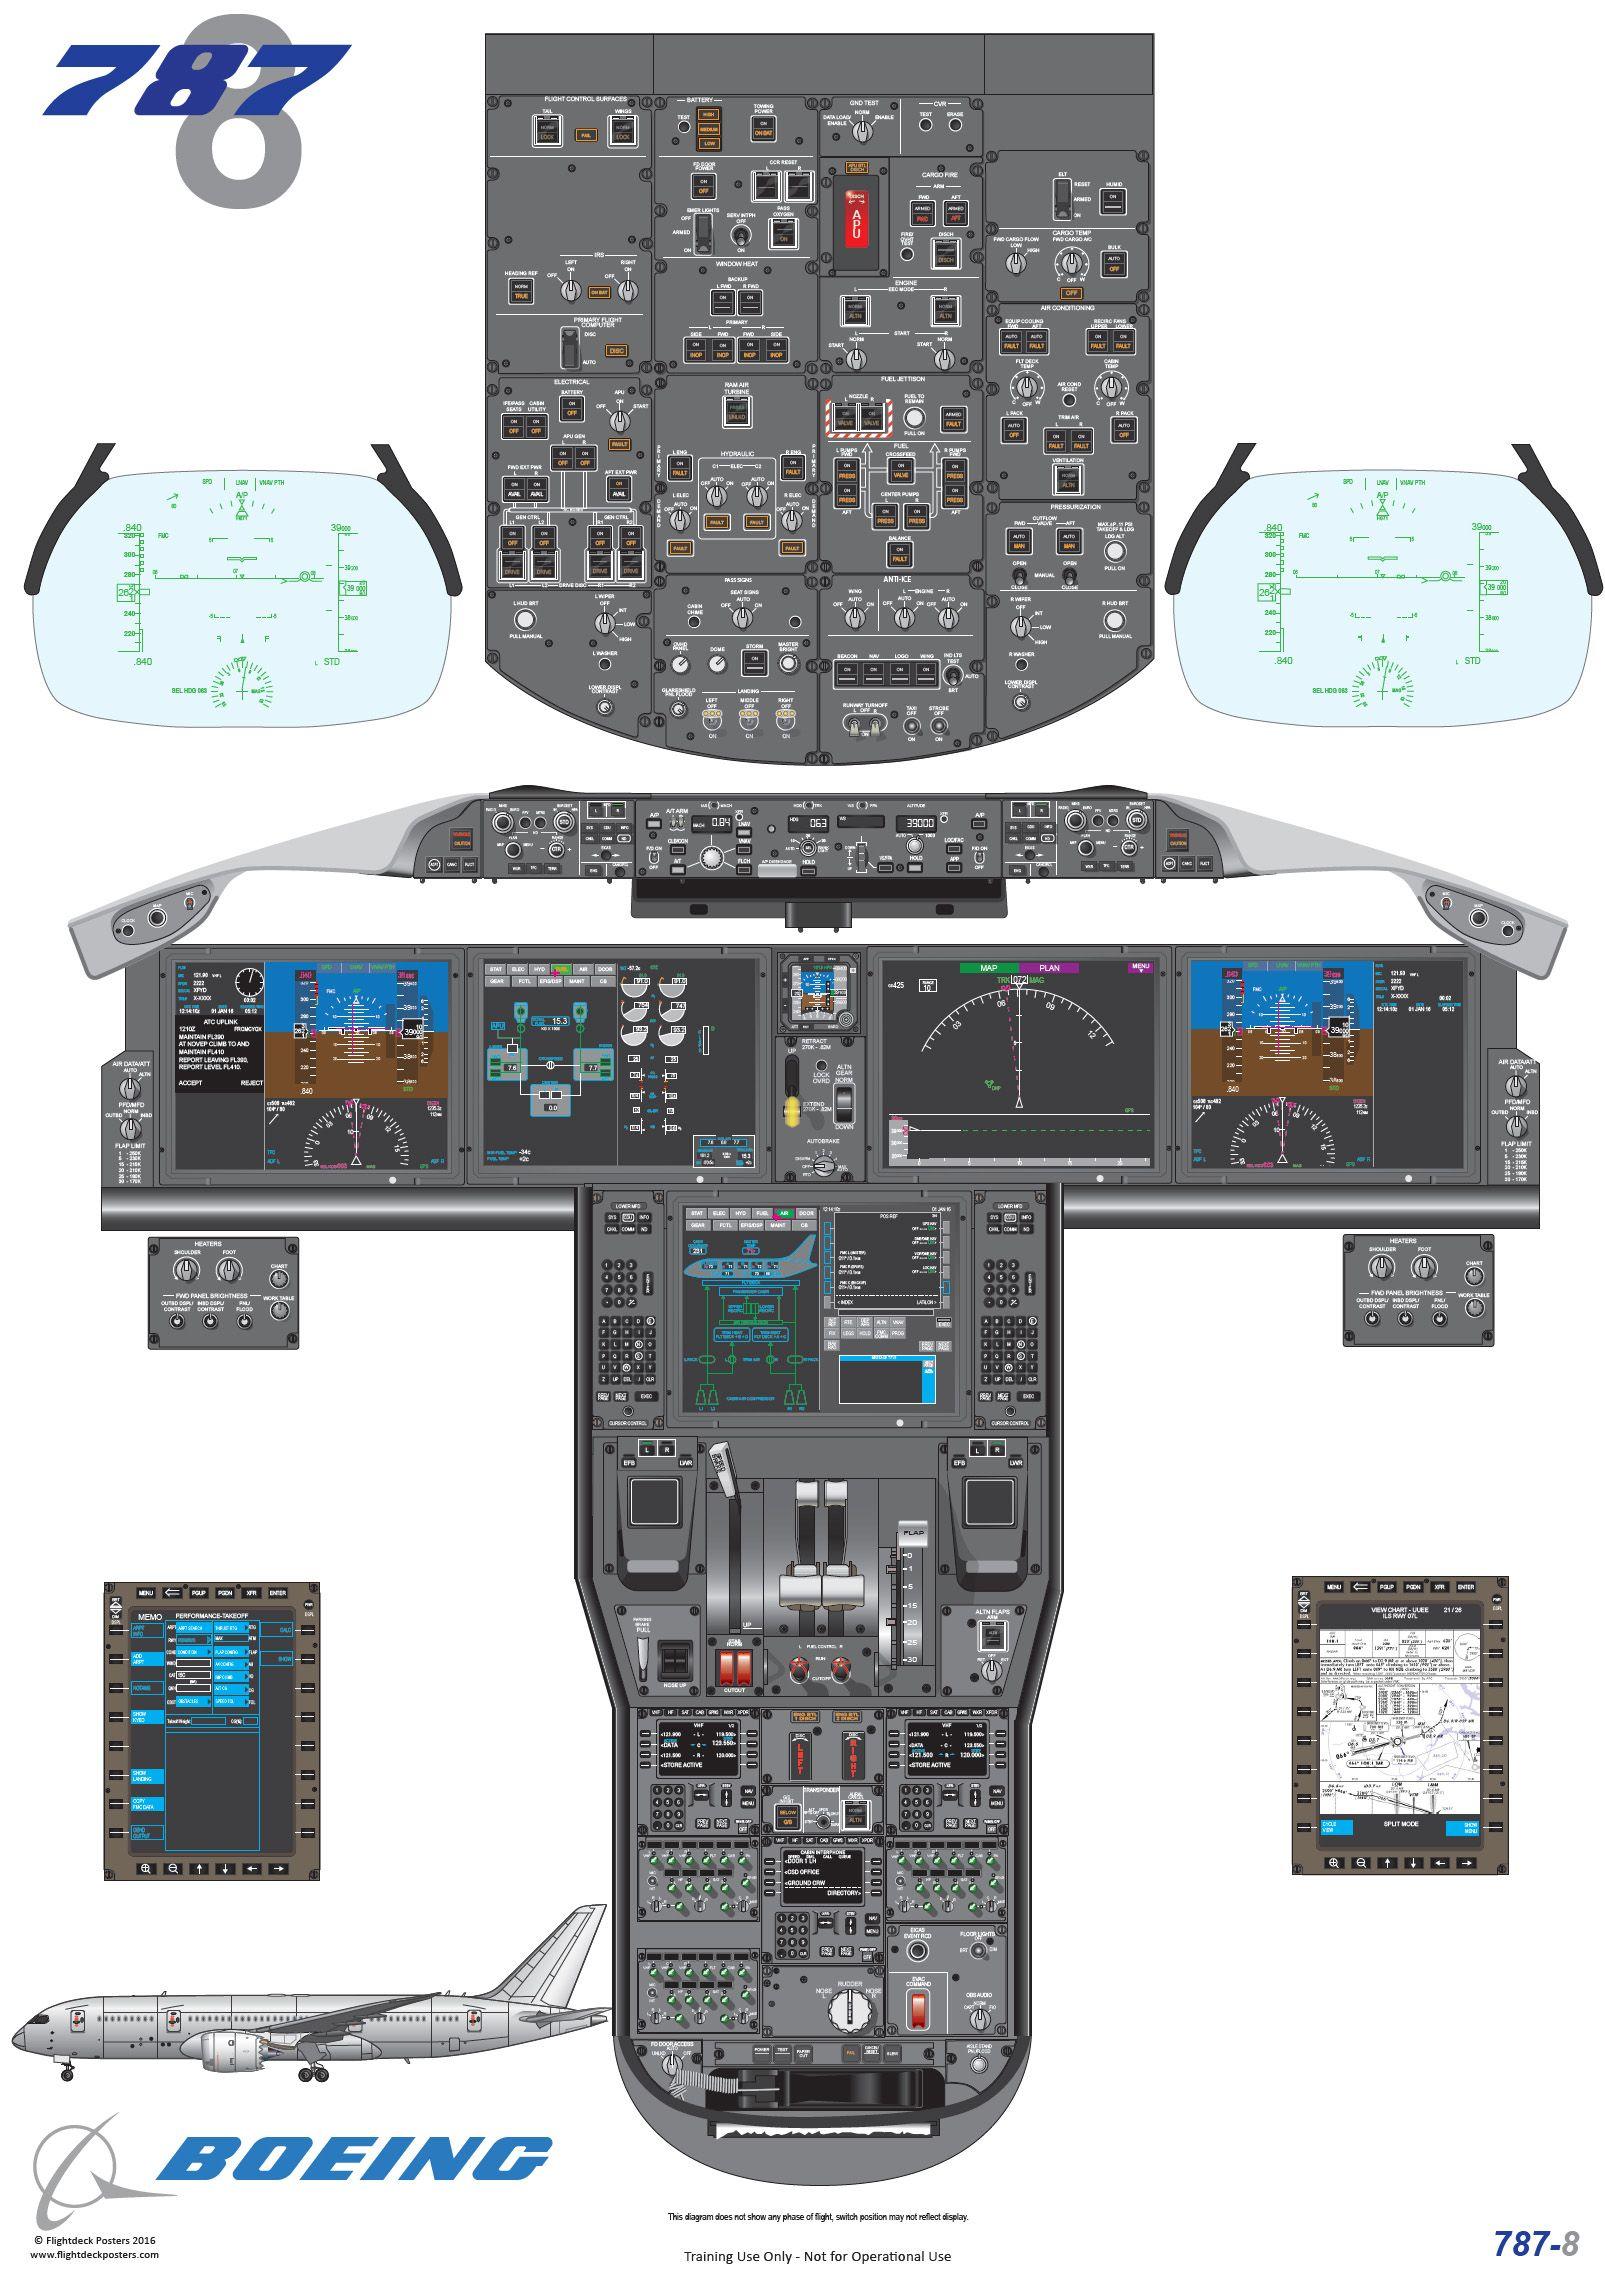 Best Flight Simulator Cockpits Uff08 U753b U50cf U3042 U308a Uff09